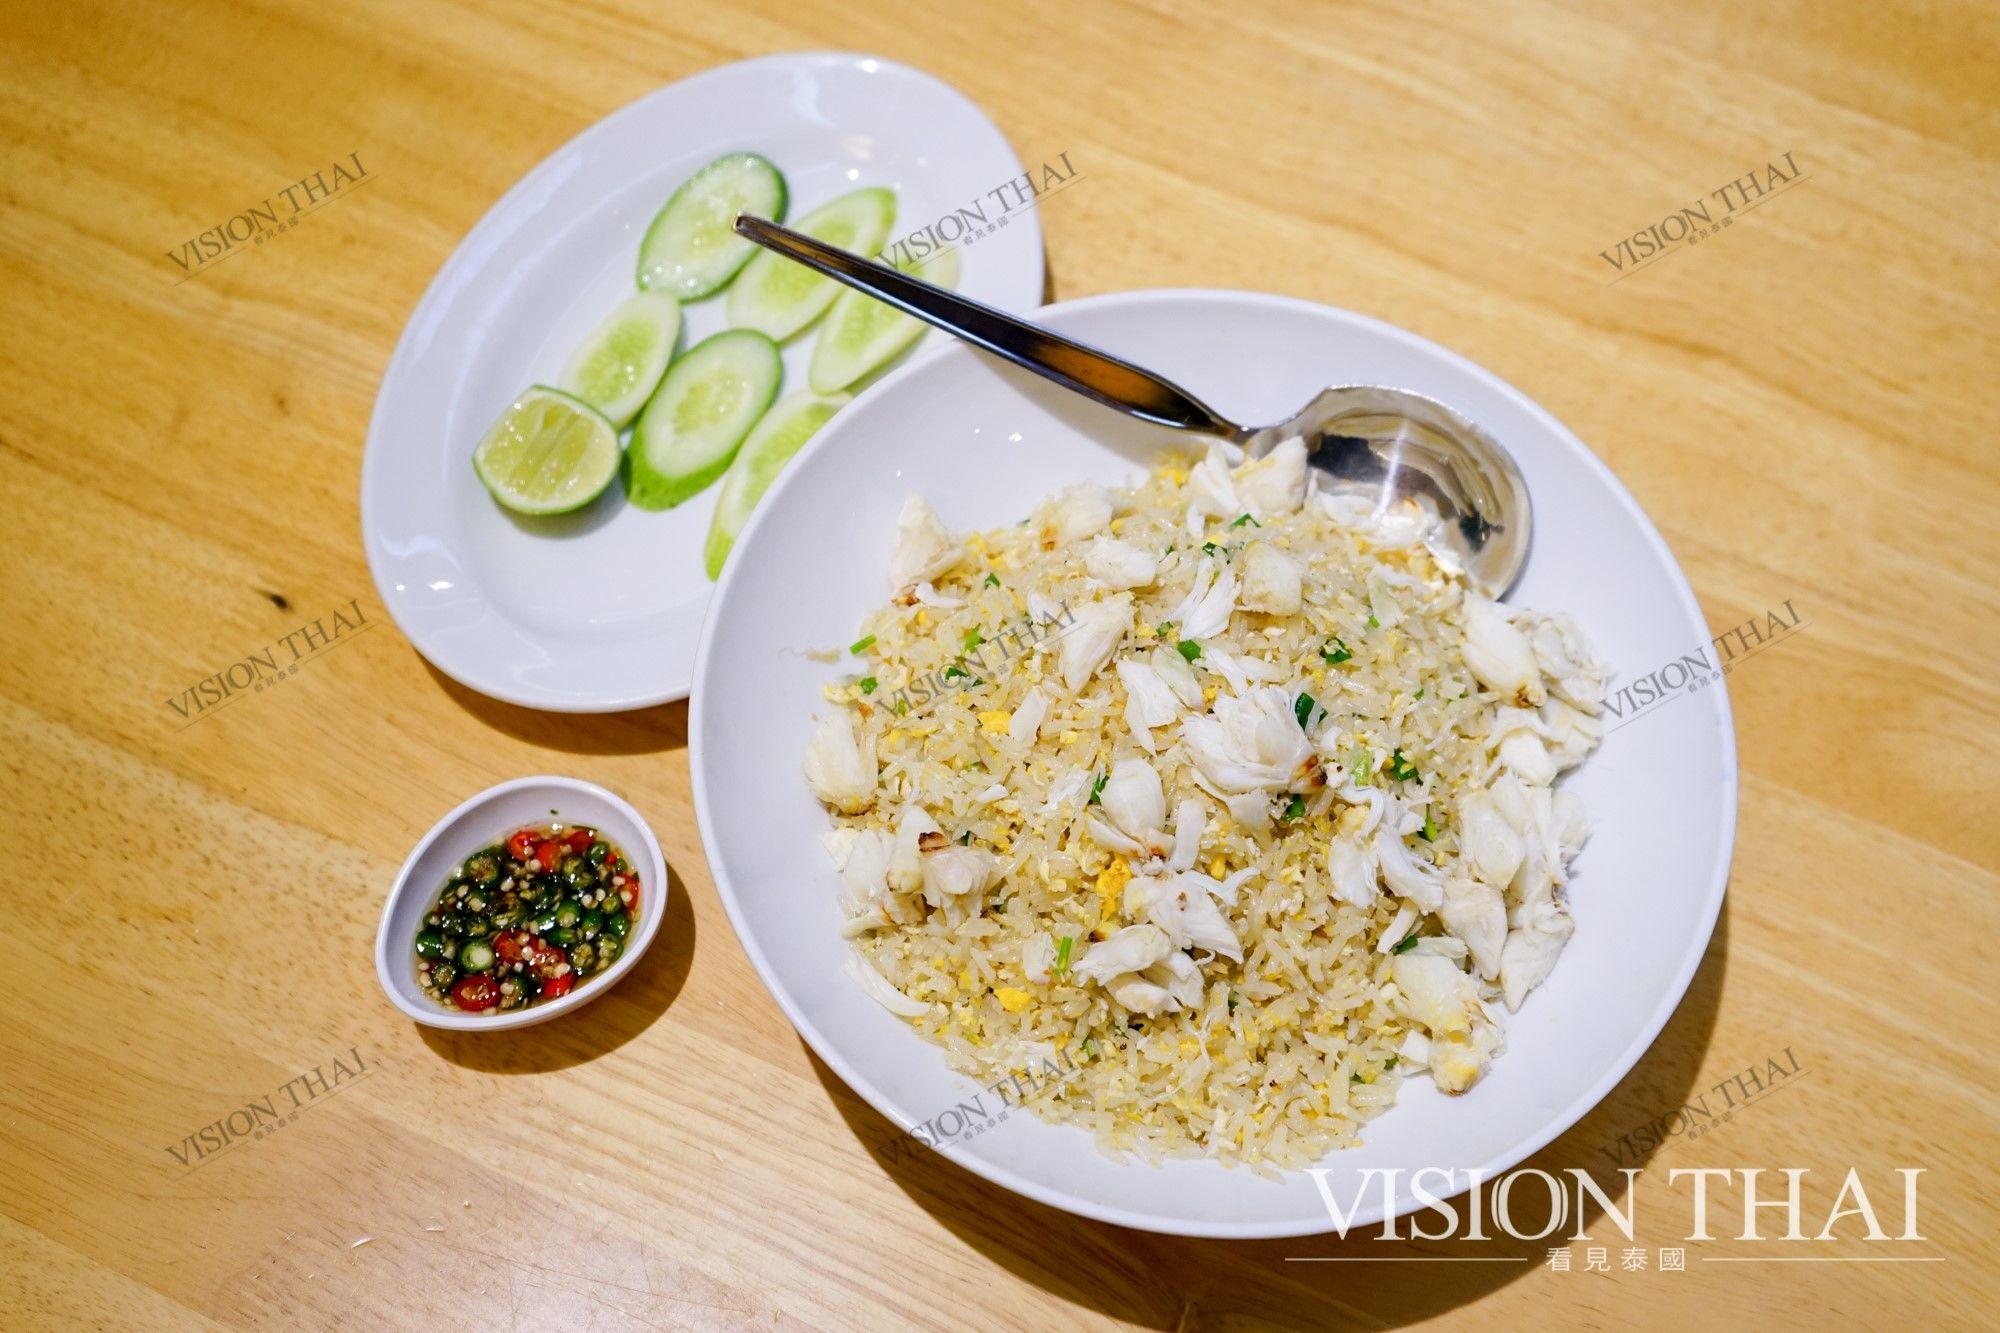 可試試搭配特製醬料,蟹肉炒飯入口瞬間變得更有滋味。